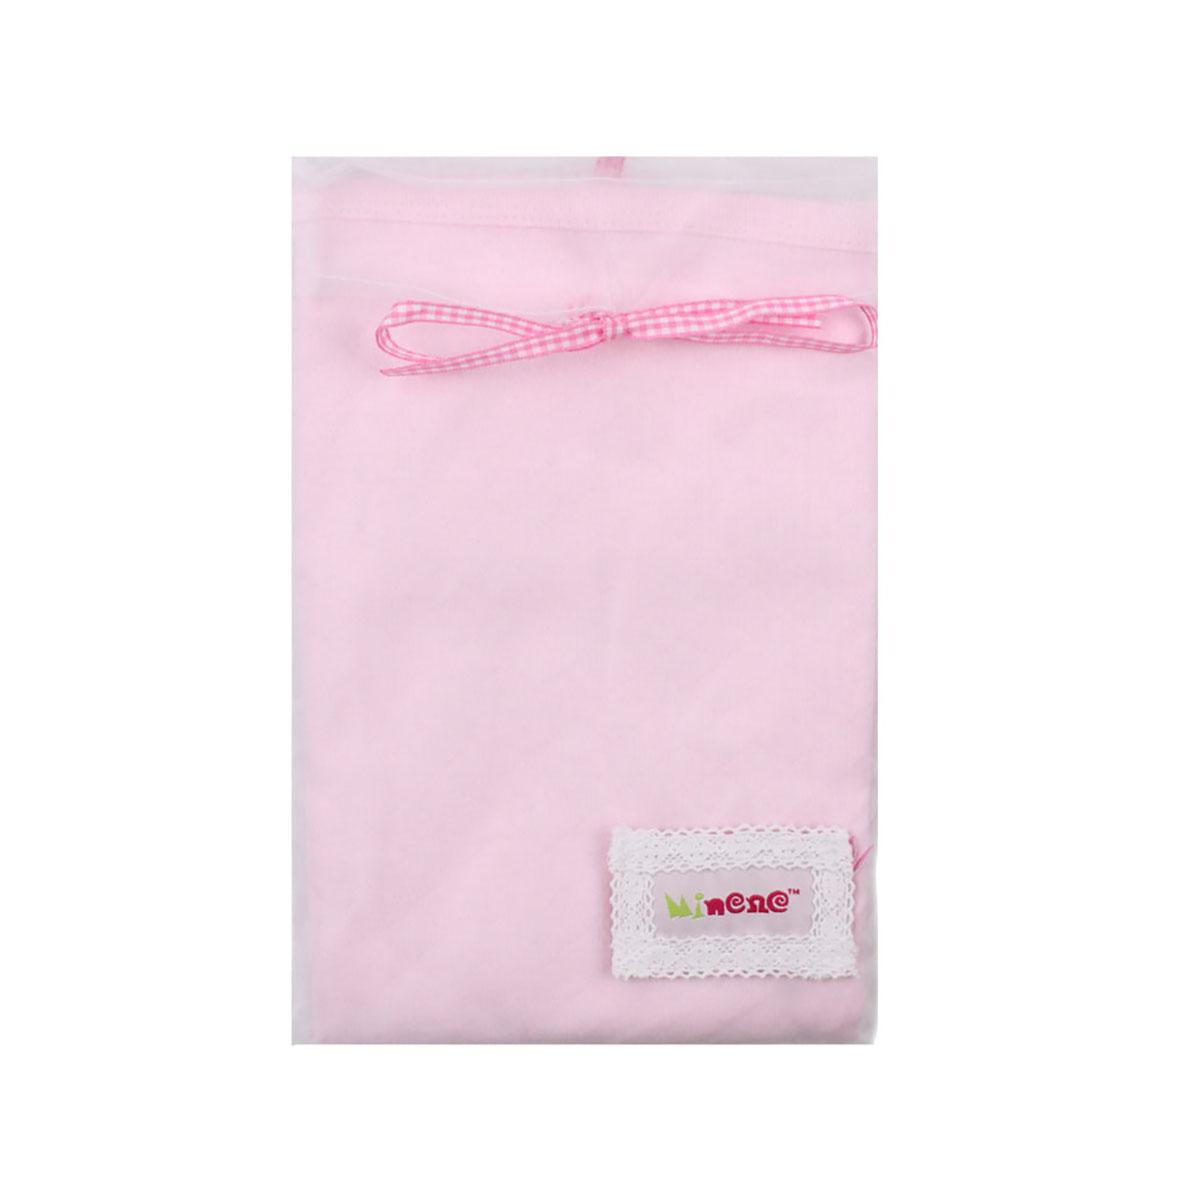 Scutec pentru nou nascuti Minene, 100 x 70 cm, Roz imagine